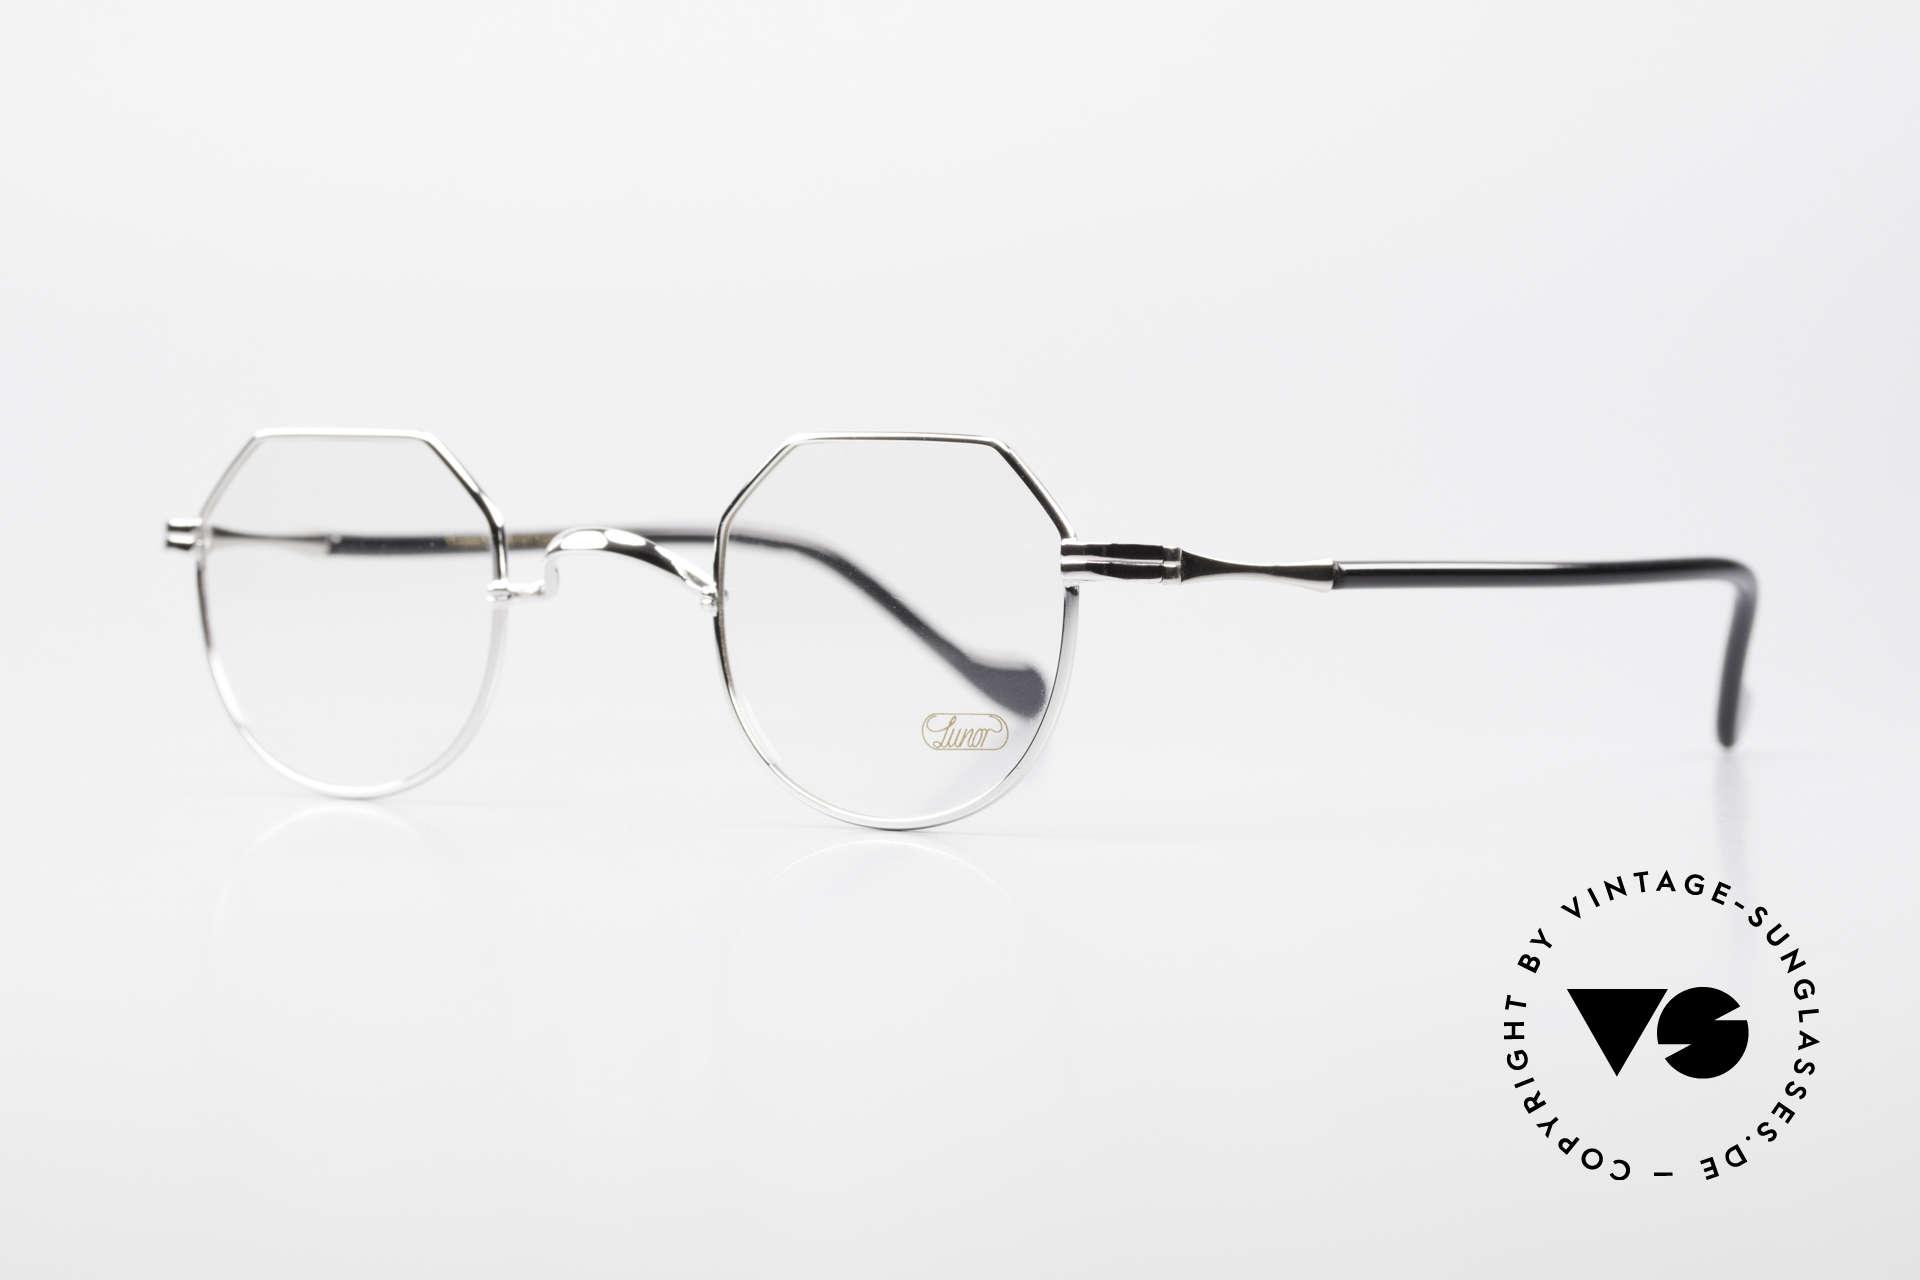 """Lunor II A 18 Eckige Panto Brille Platin, sehr seltenes Modell """"18"""" (eckiges PANTO-Design), Passend für Herren und Damen"""